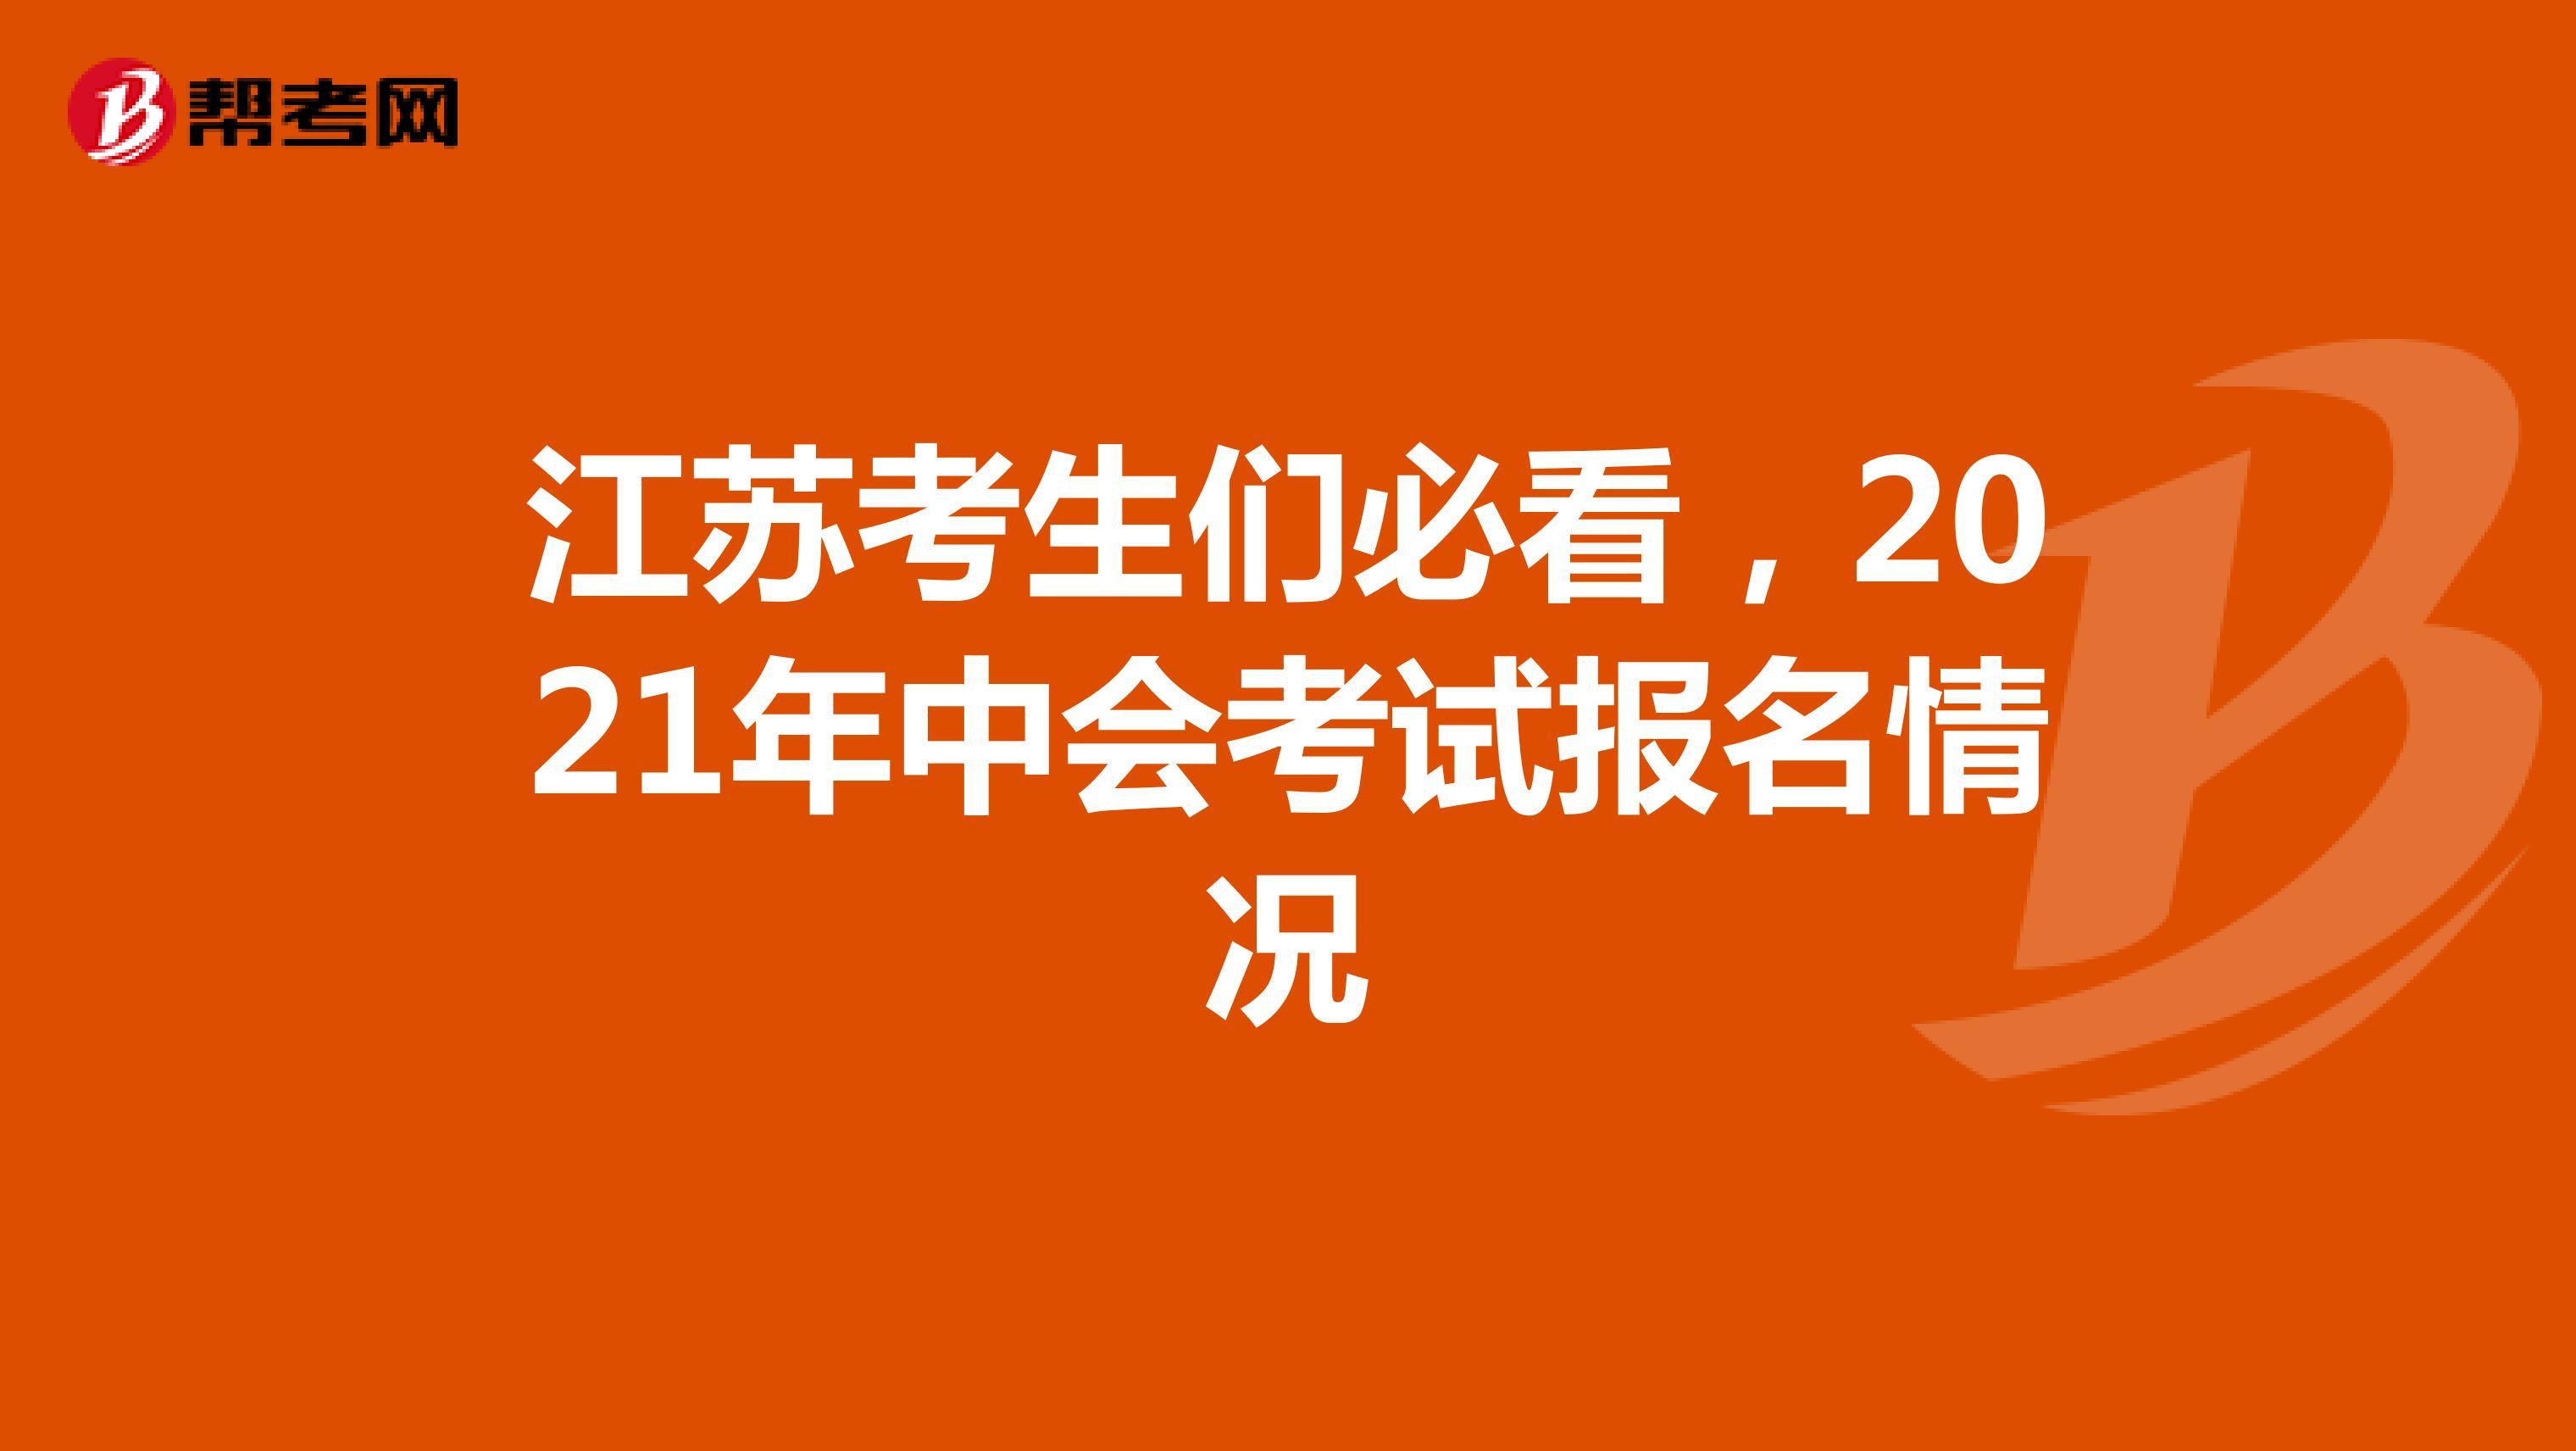 江苏考生们必看,2021年中会考试报名情况